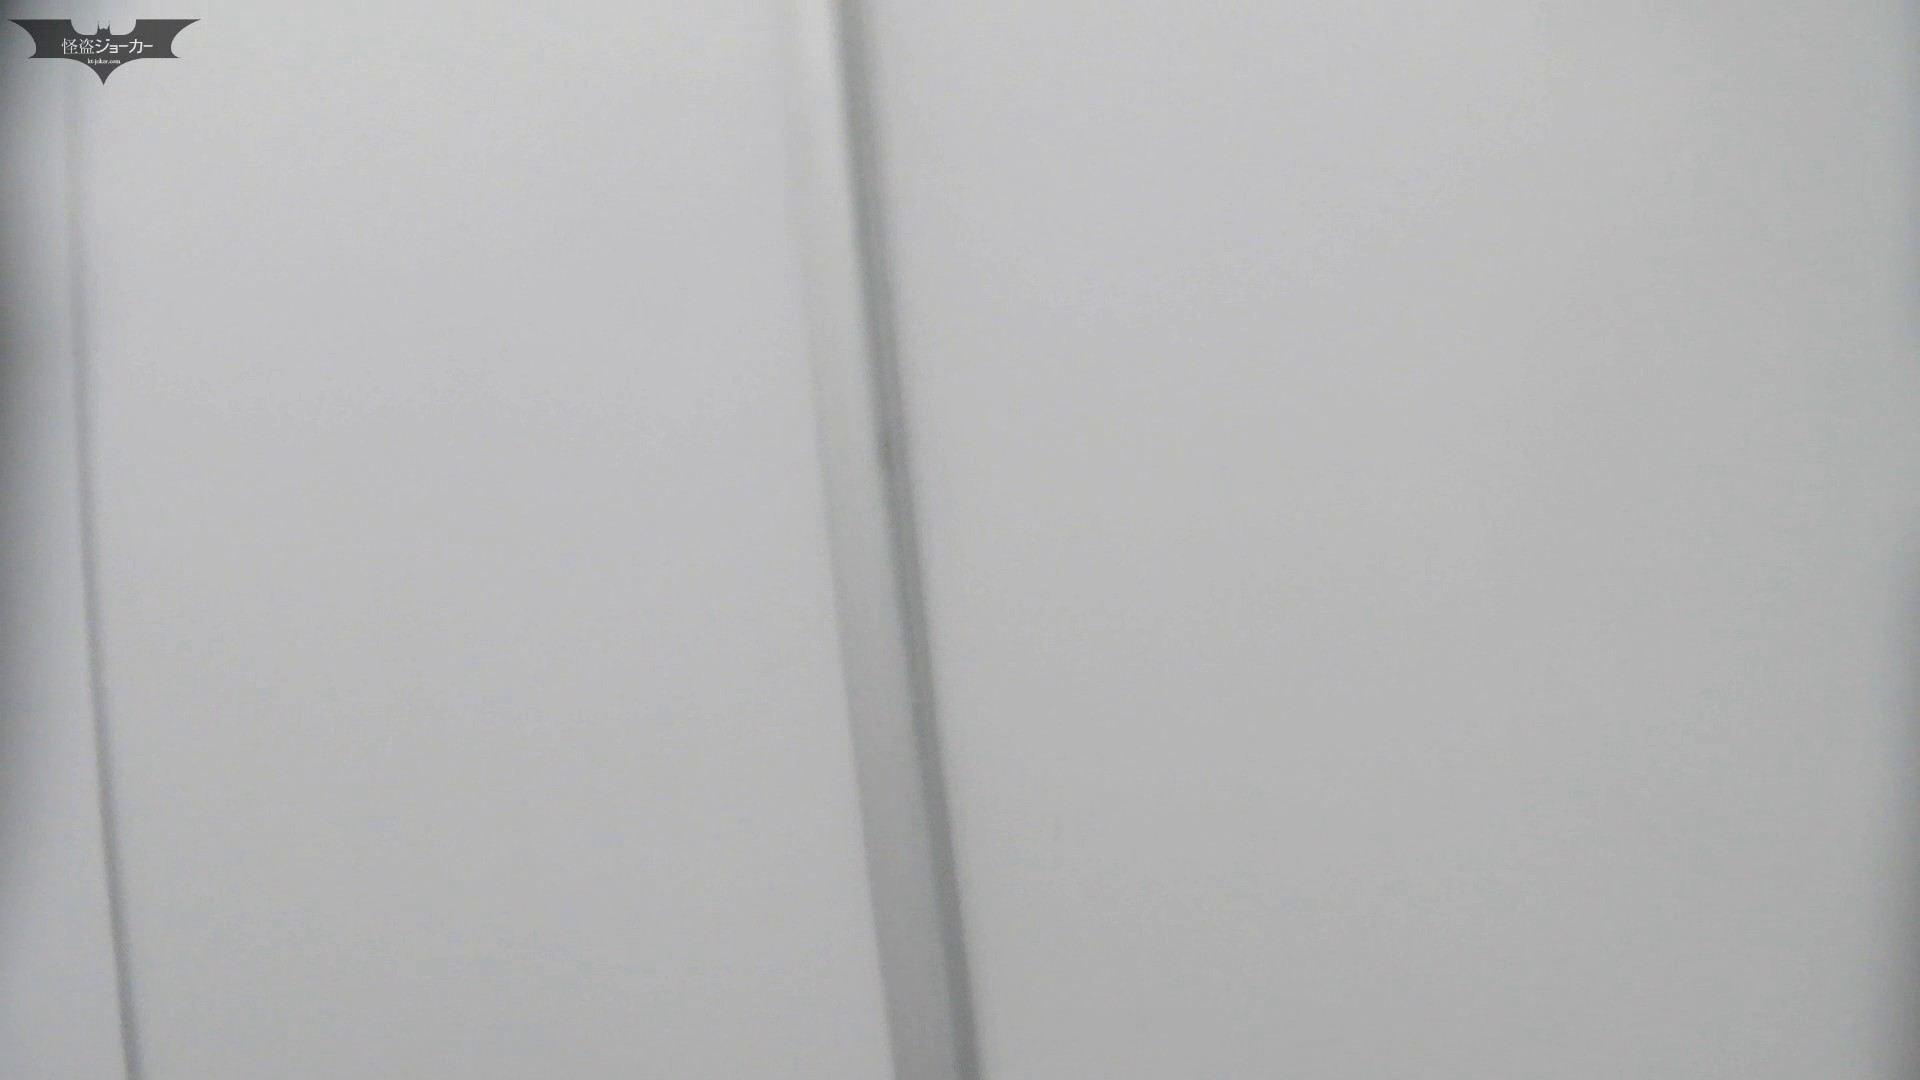 下からノゾム vol.015 これがいわゆる「タ・ラ・コ」唇ってやつですね。 高画質 われめAV動画紹介 83画像 41